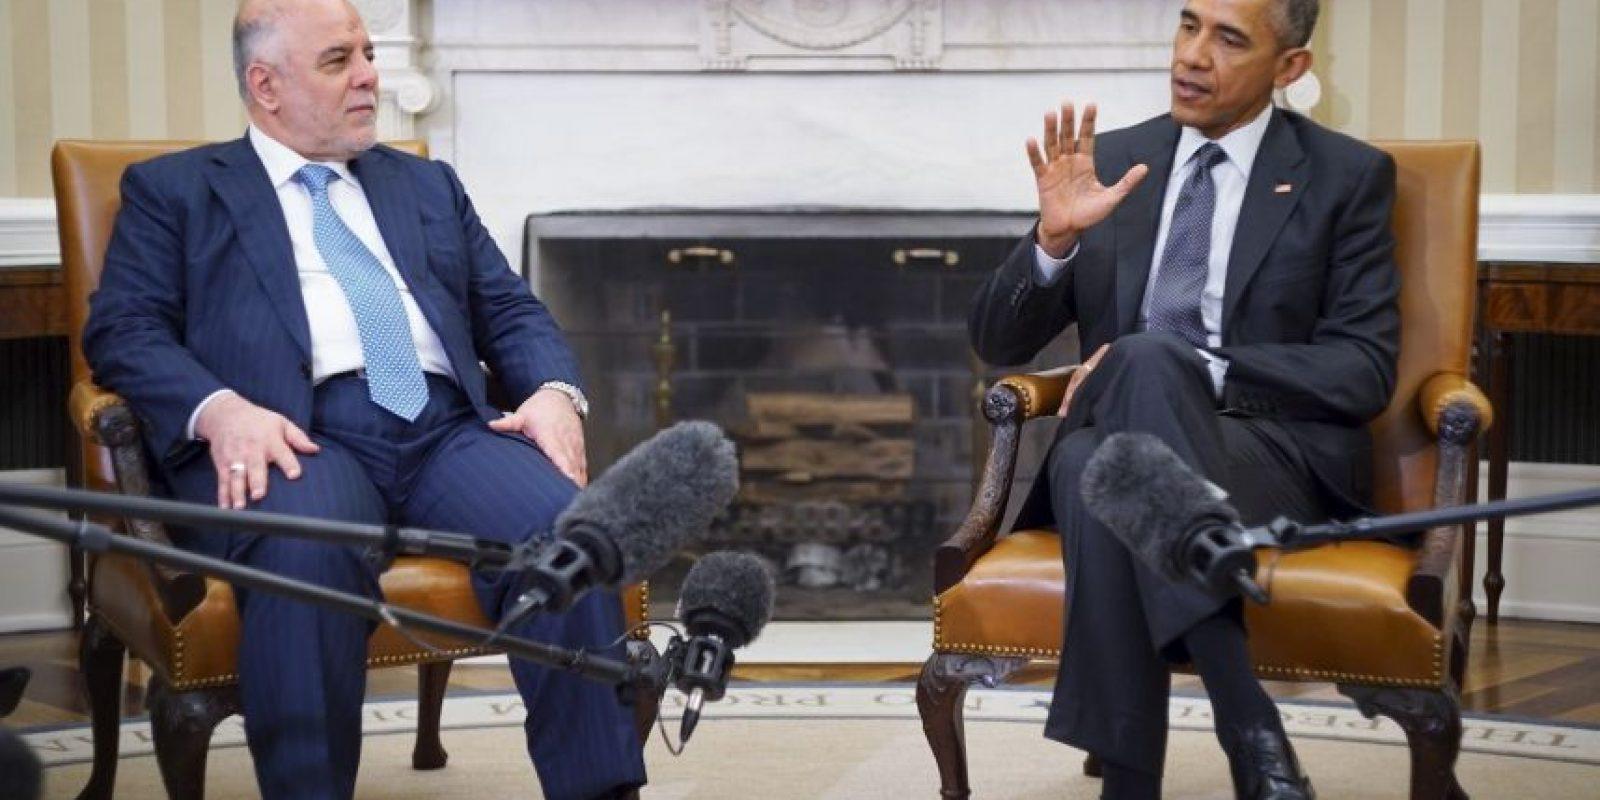 Haider al Abadi primer ministro de Irak, pidió más ayuda de la Casa Blanca para combatir al Estado Islámico Foto:AFP